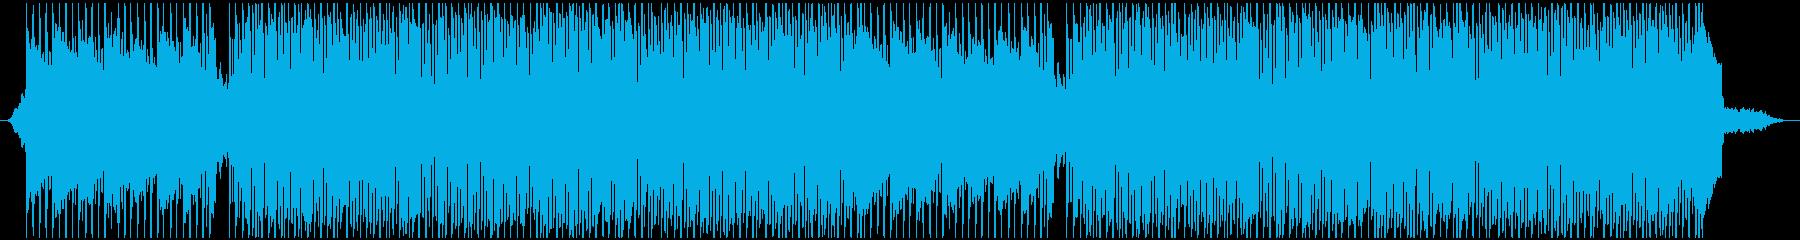 ティーン 人気のある電子機器 企業...の再生済みの波形